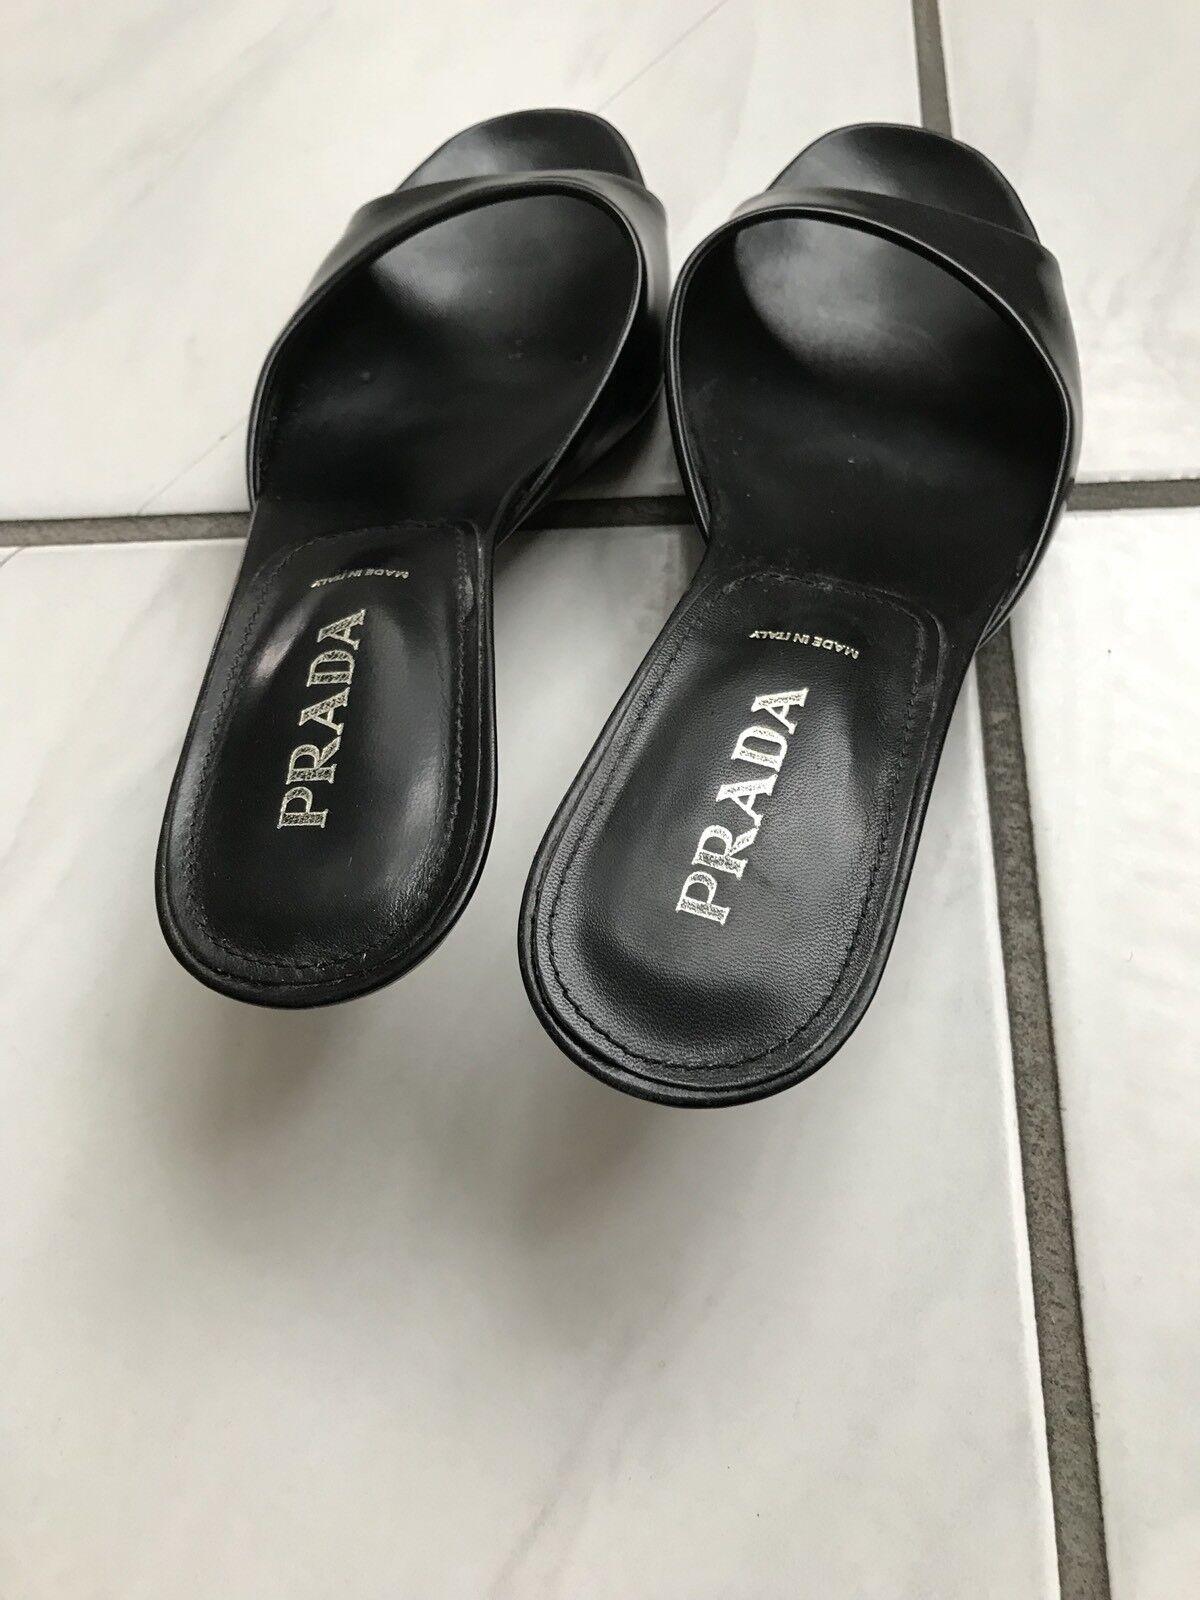 High Heels Heels High Sandalen Von Prada. 37,5 f21ecf